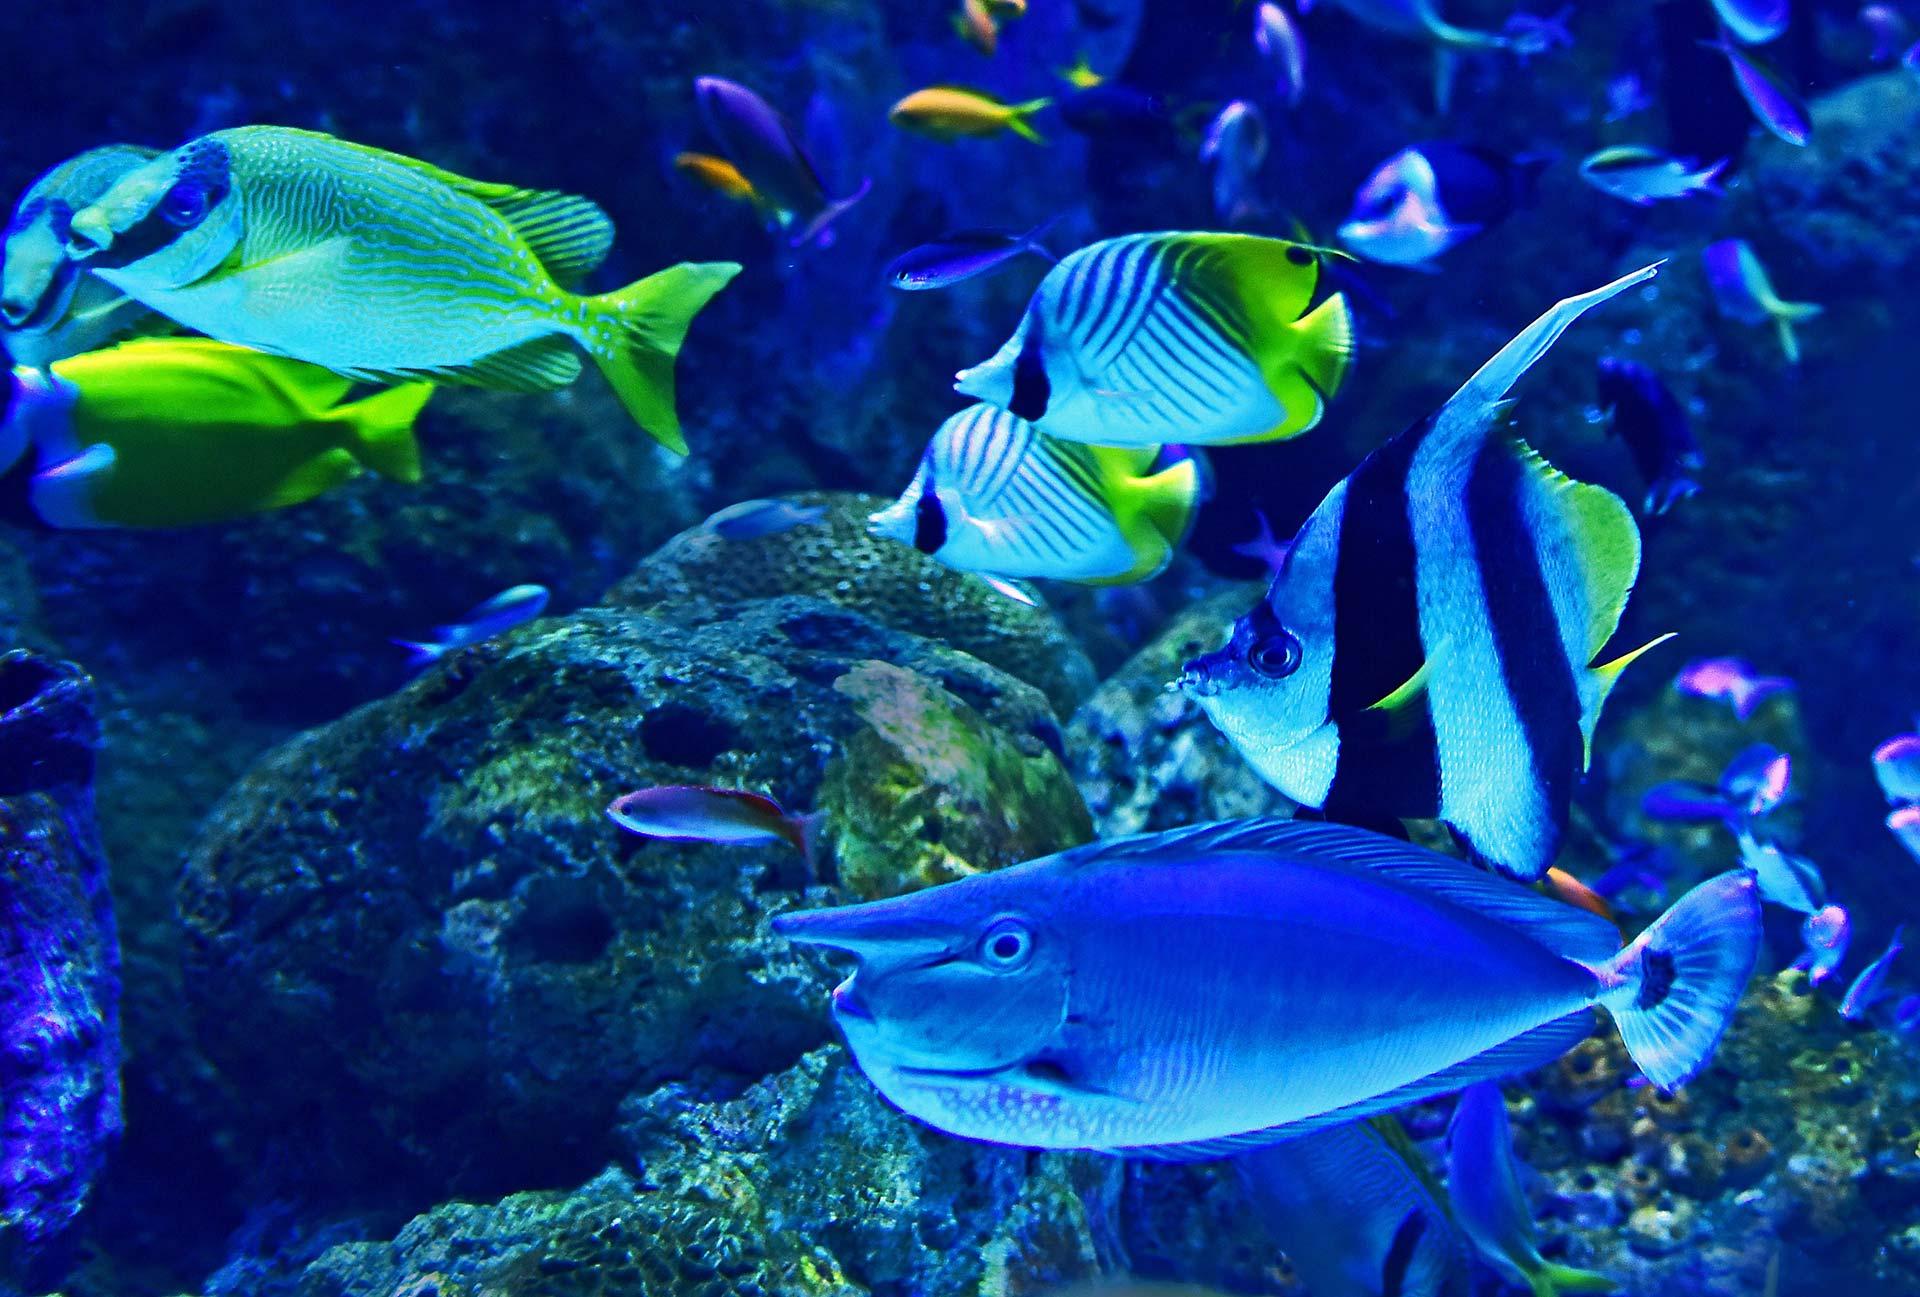 Poissons de mer dans un aquarium